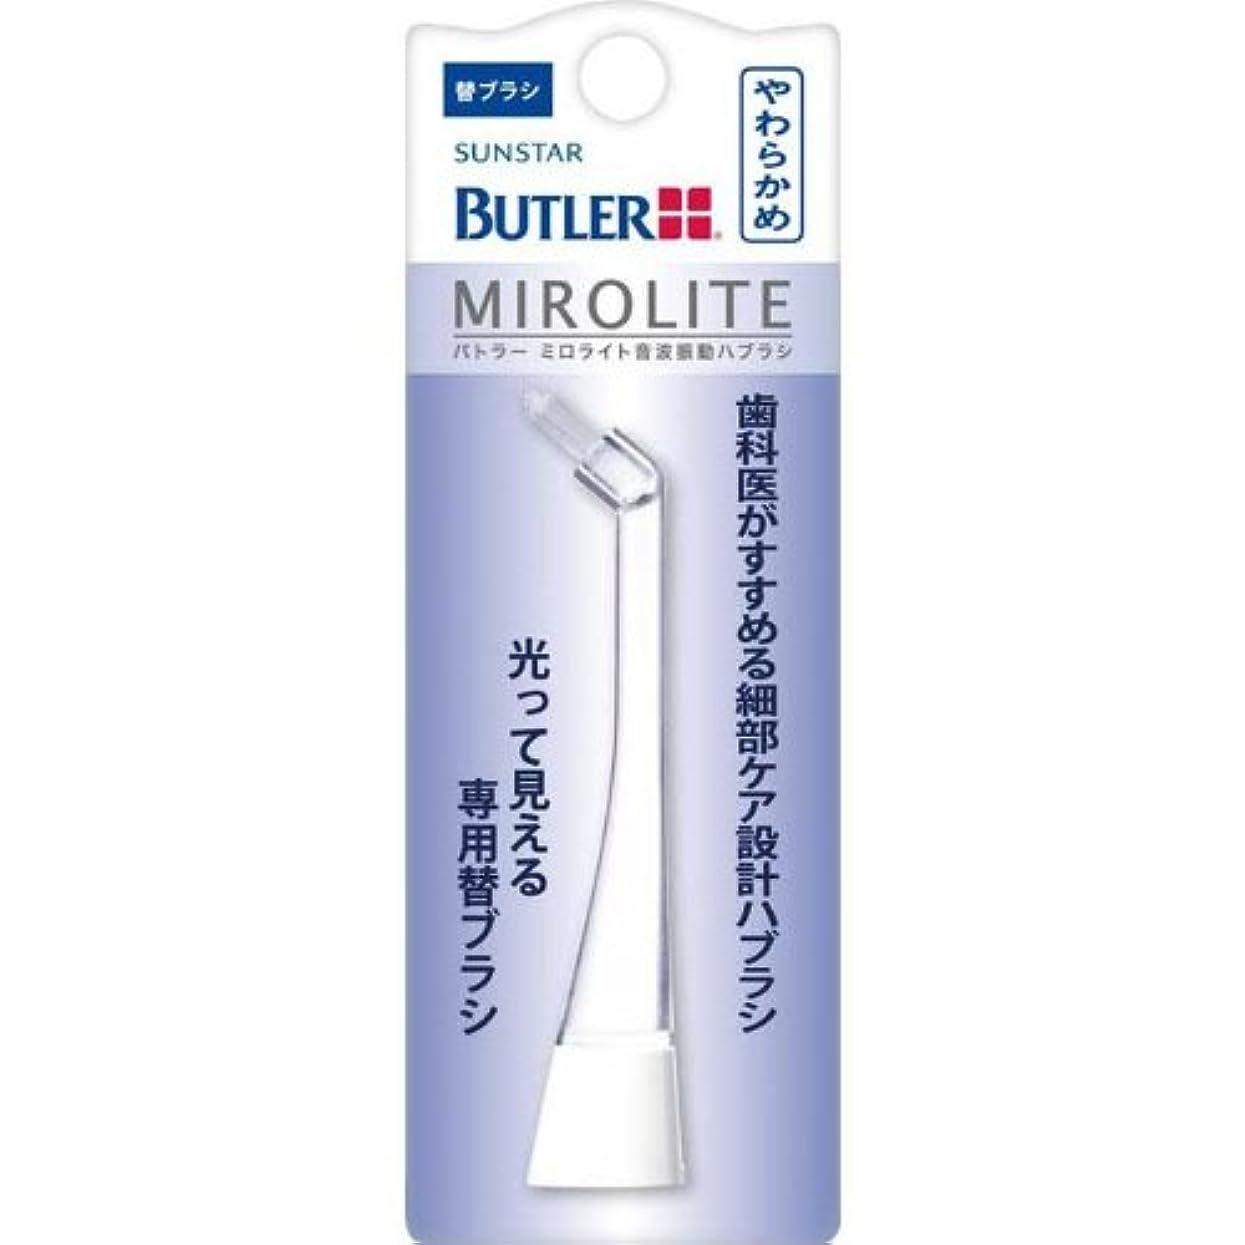 アクション異形鋸歯状BUTLER(バトラー) ミロライト 音波振動ハブラシ 替シングルタフト PB-01